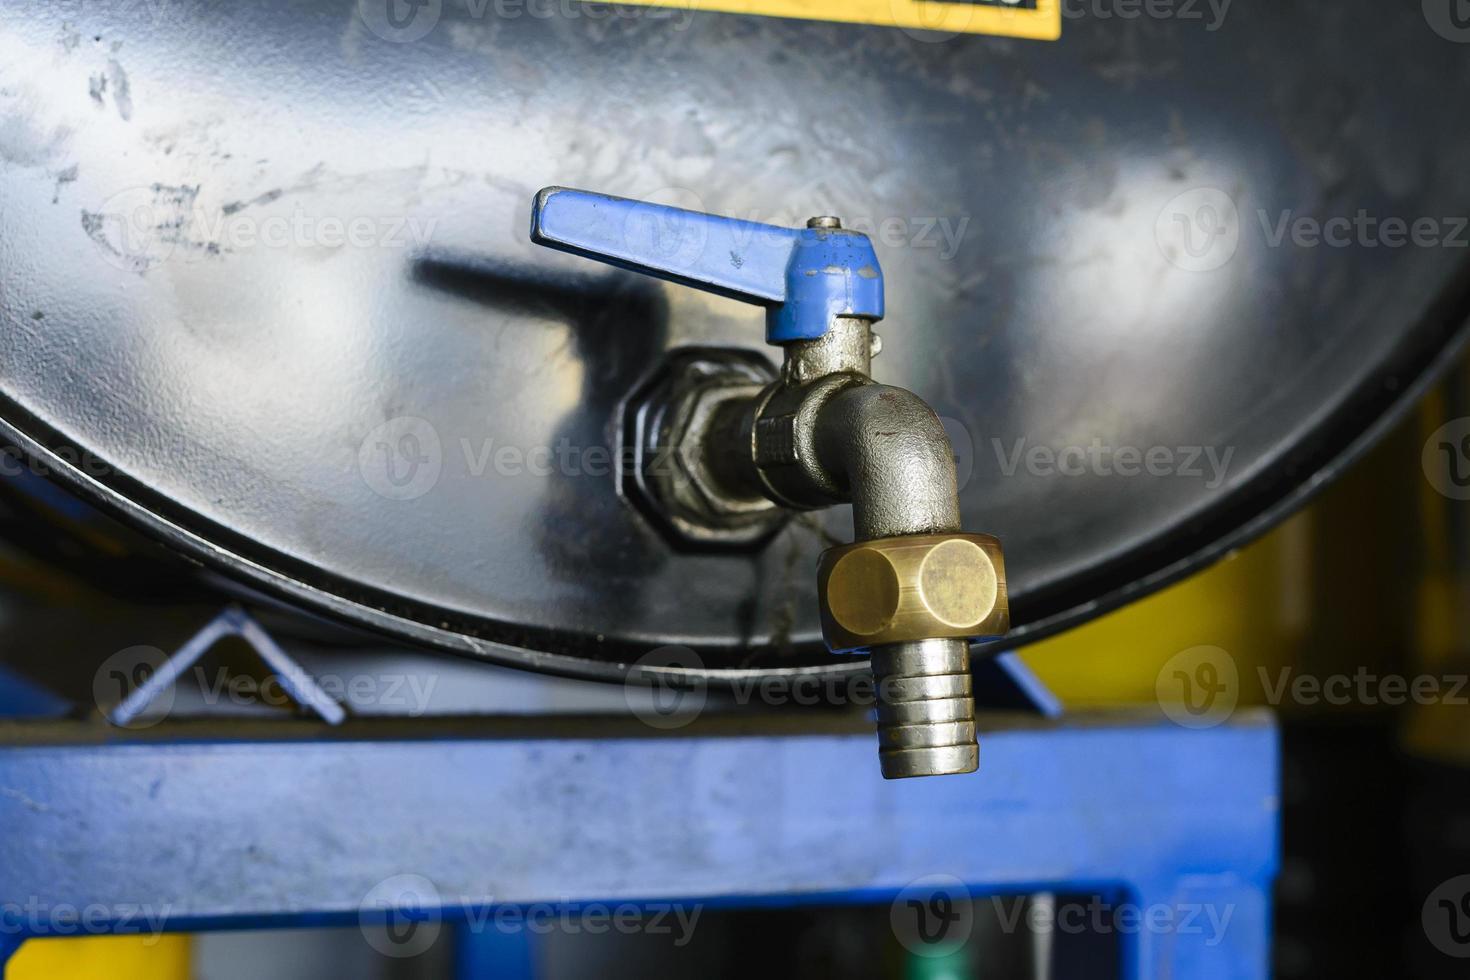 baril de pétrole avec robinet fermé photo